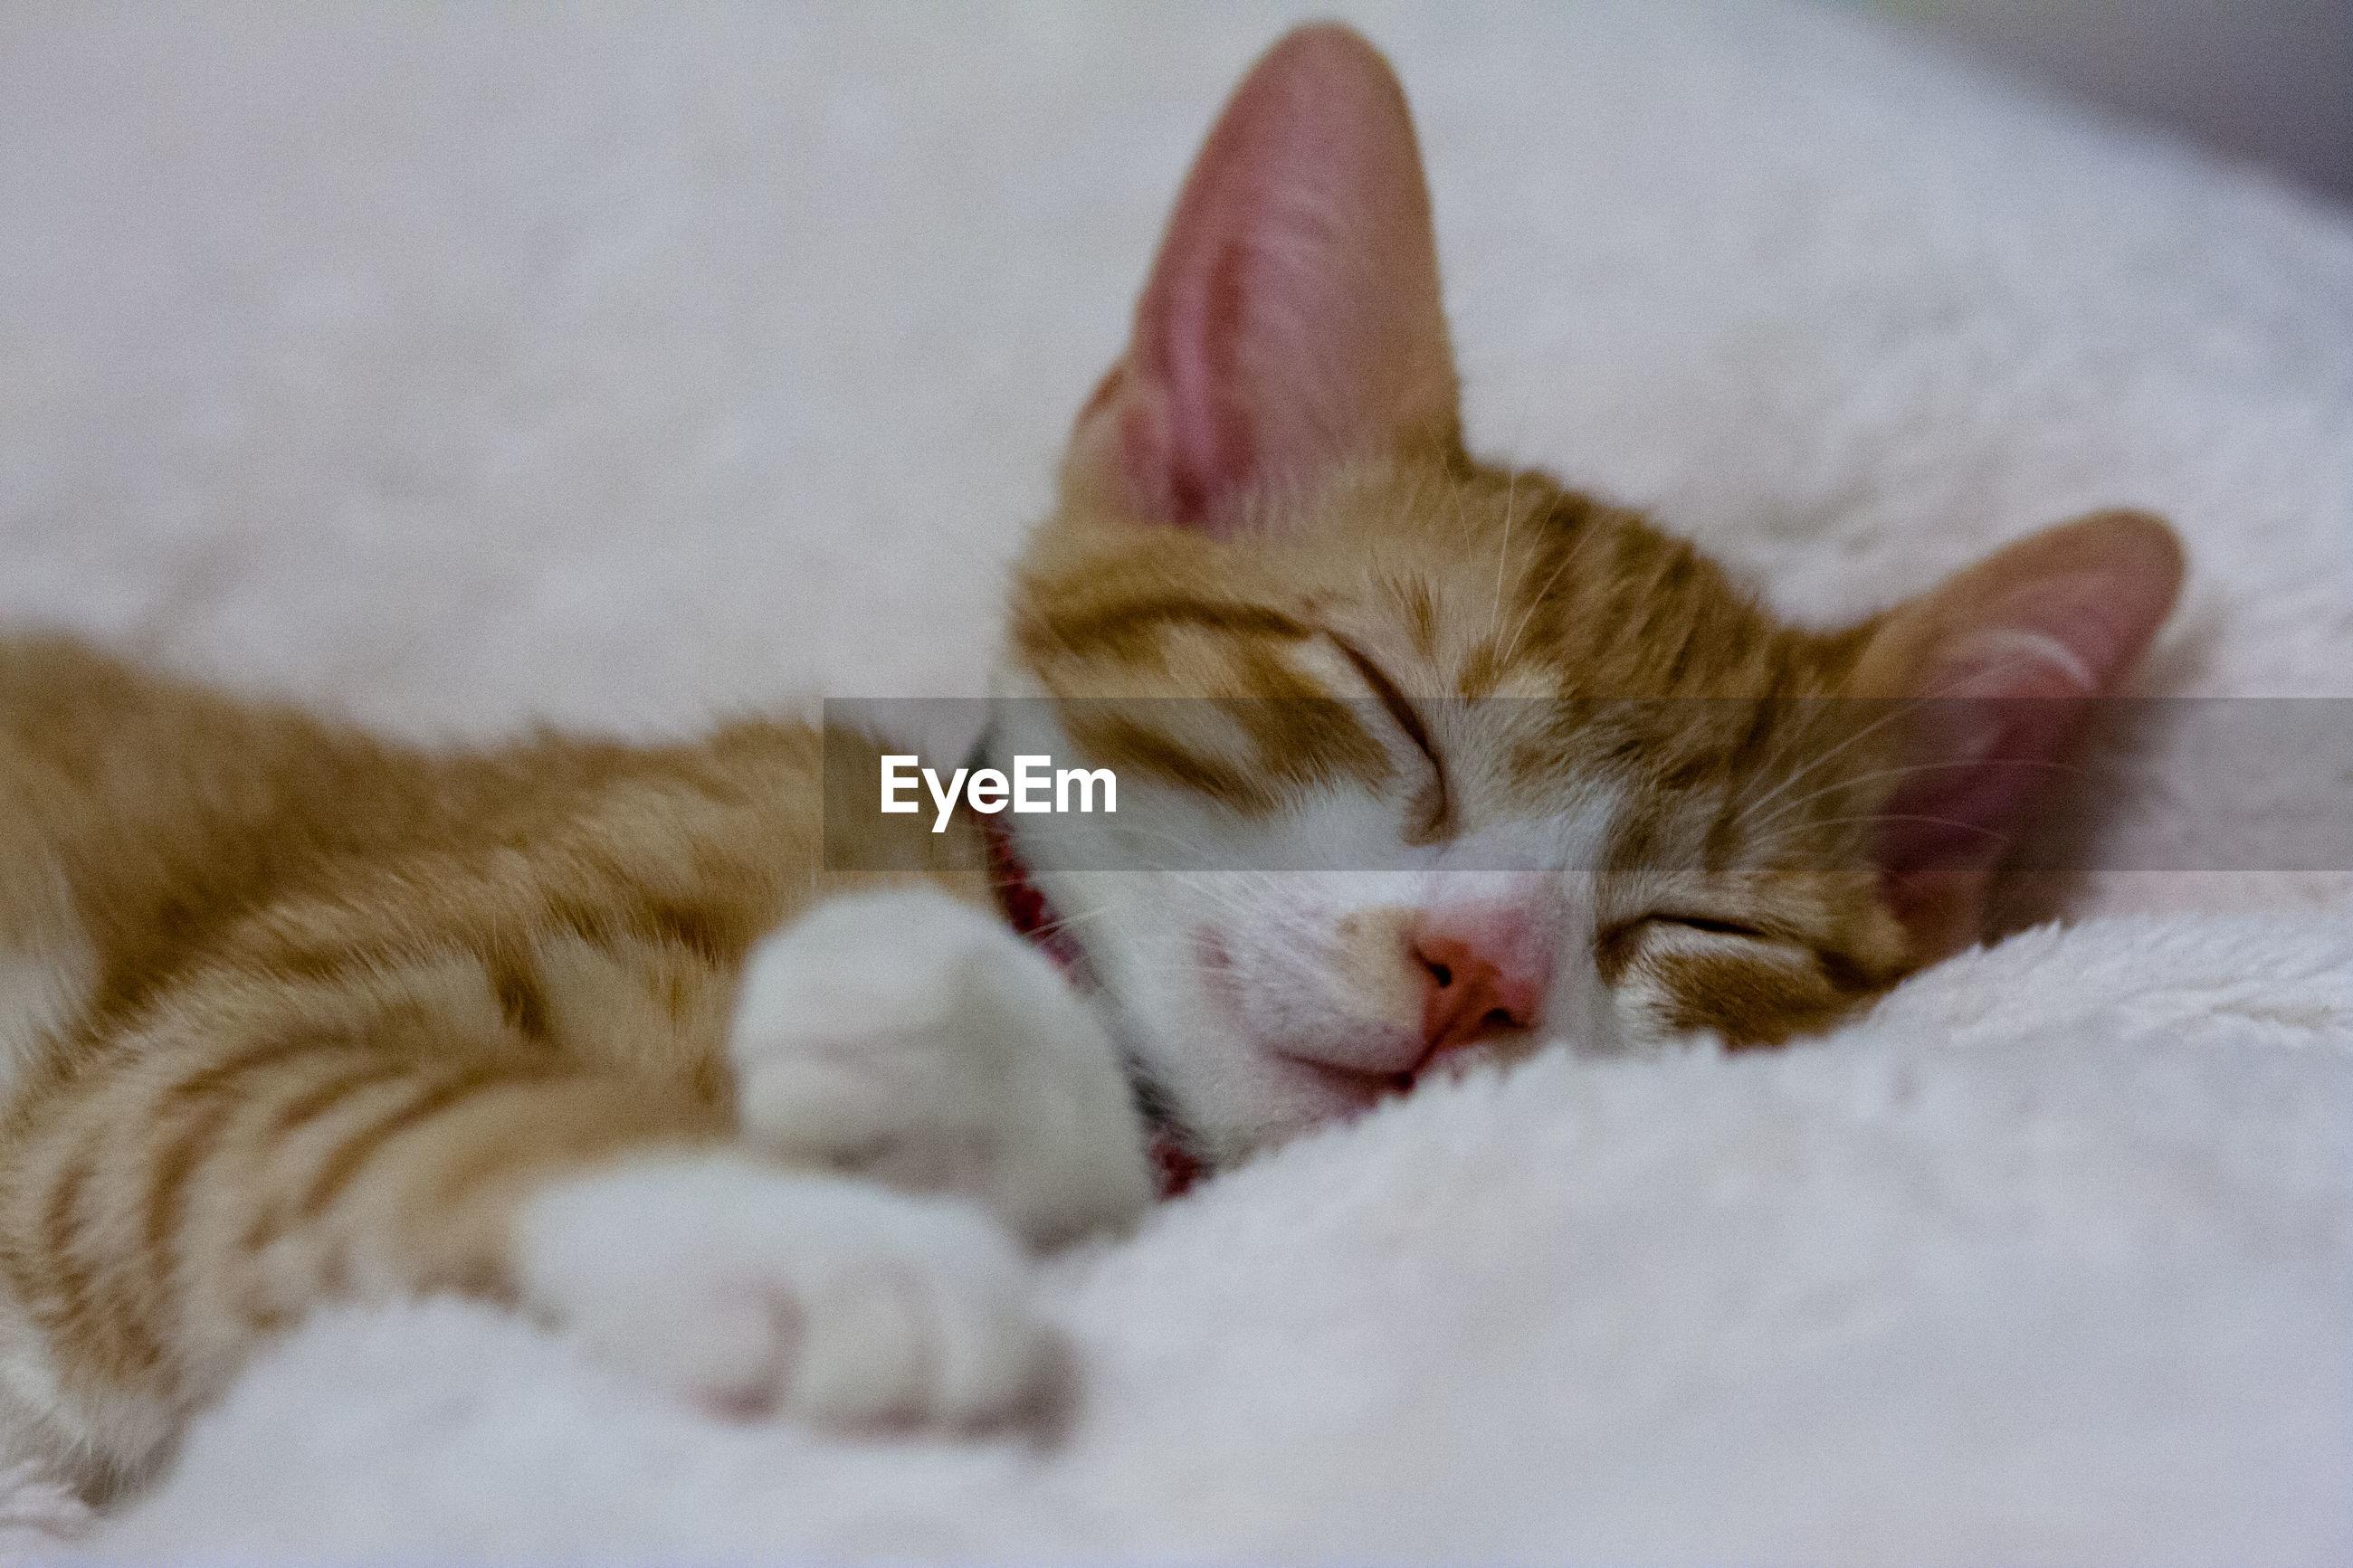 Cat sleeping on rug